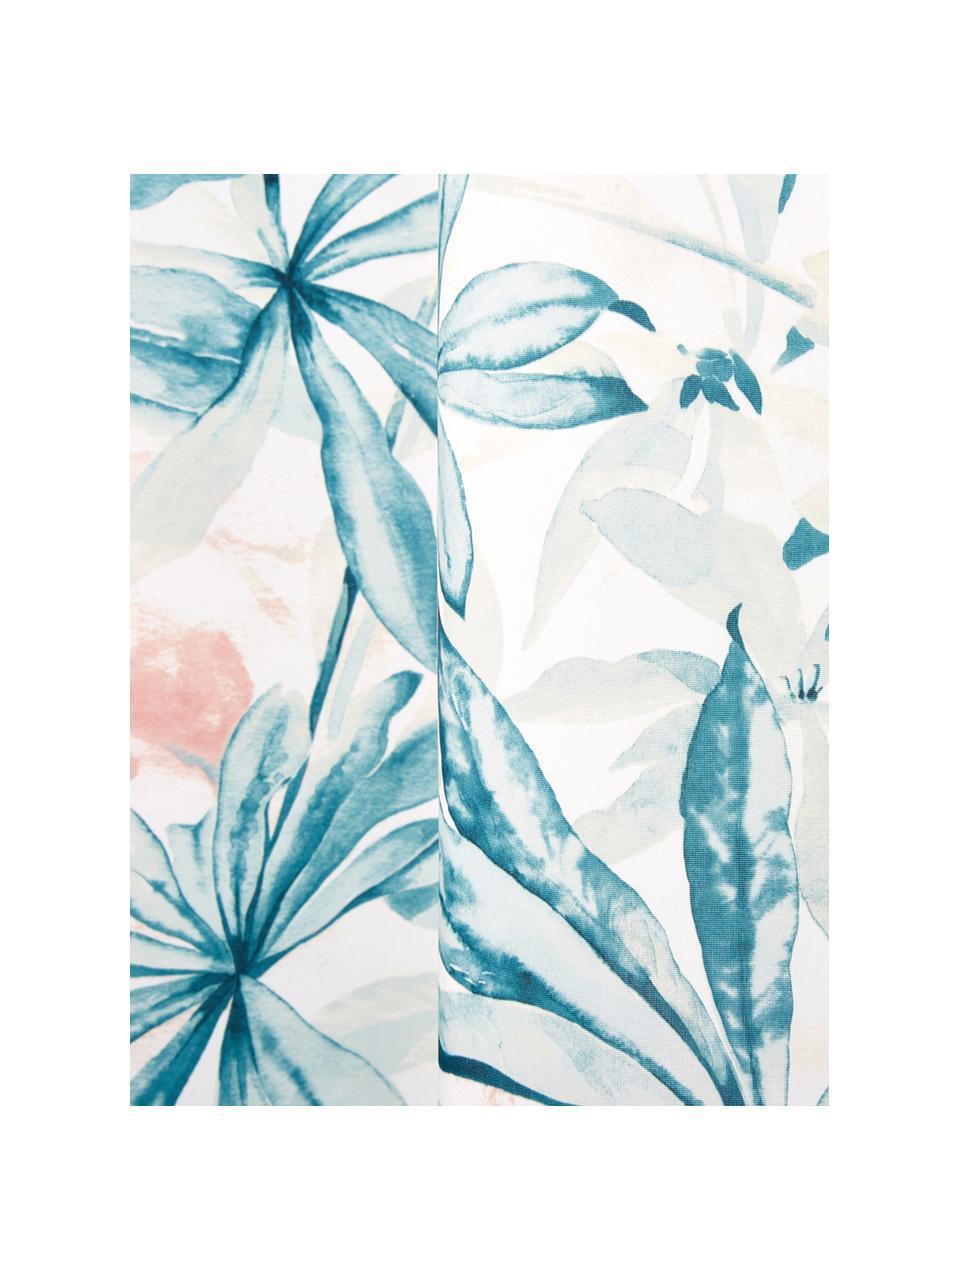 Zasłona prysznicowa Foglia, 100% poliester Produkt odporny na wilgoć, niewodoodporny, Biały, wielobarwny, S 180 x D 200 cm